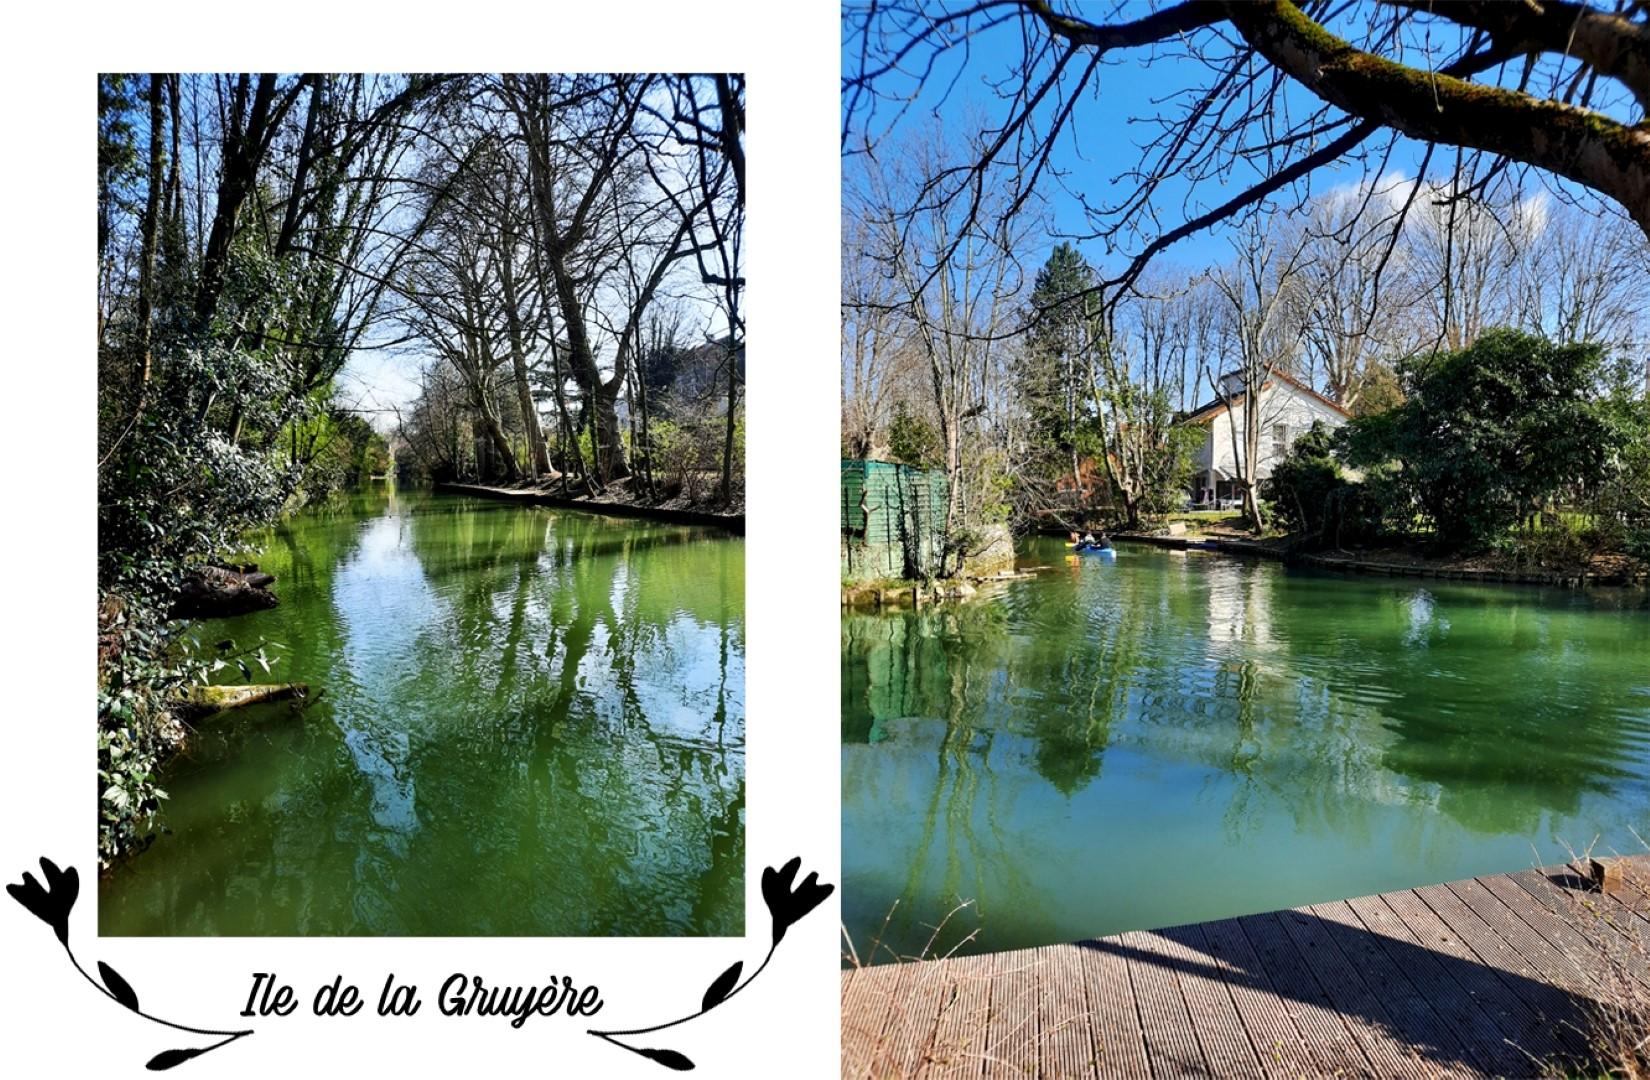 Balade le long de la Marne, Créteil - Ile Sainte Catherine